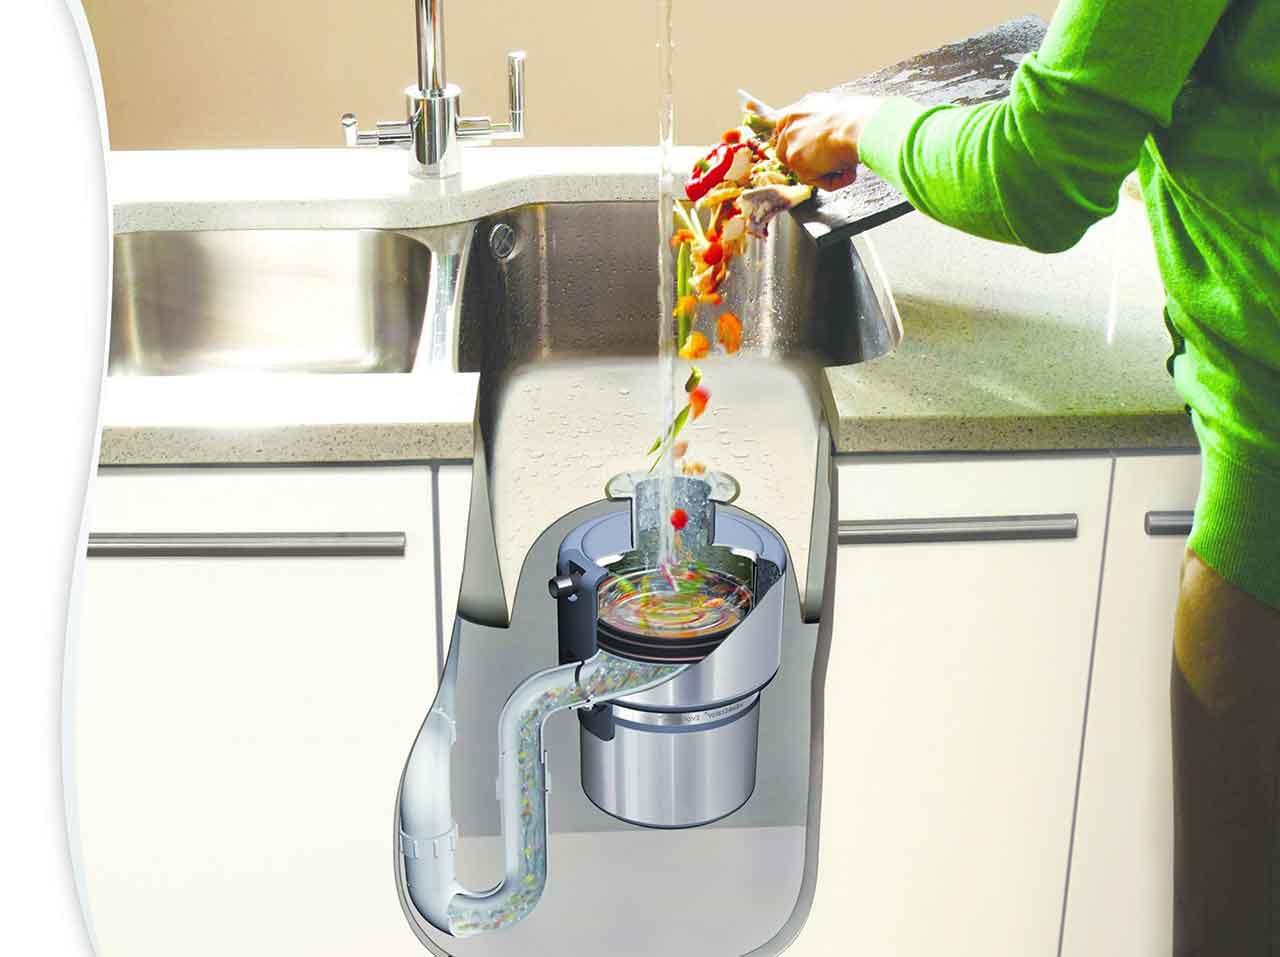 Có máy nghiền rác bồn rửa trong nhà rất tiện, nhưng bà nội trợ cần chú ý những điều này để tránh rắc rối - Ảnh 3.